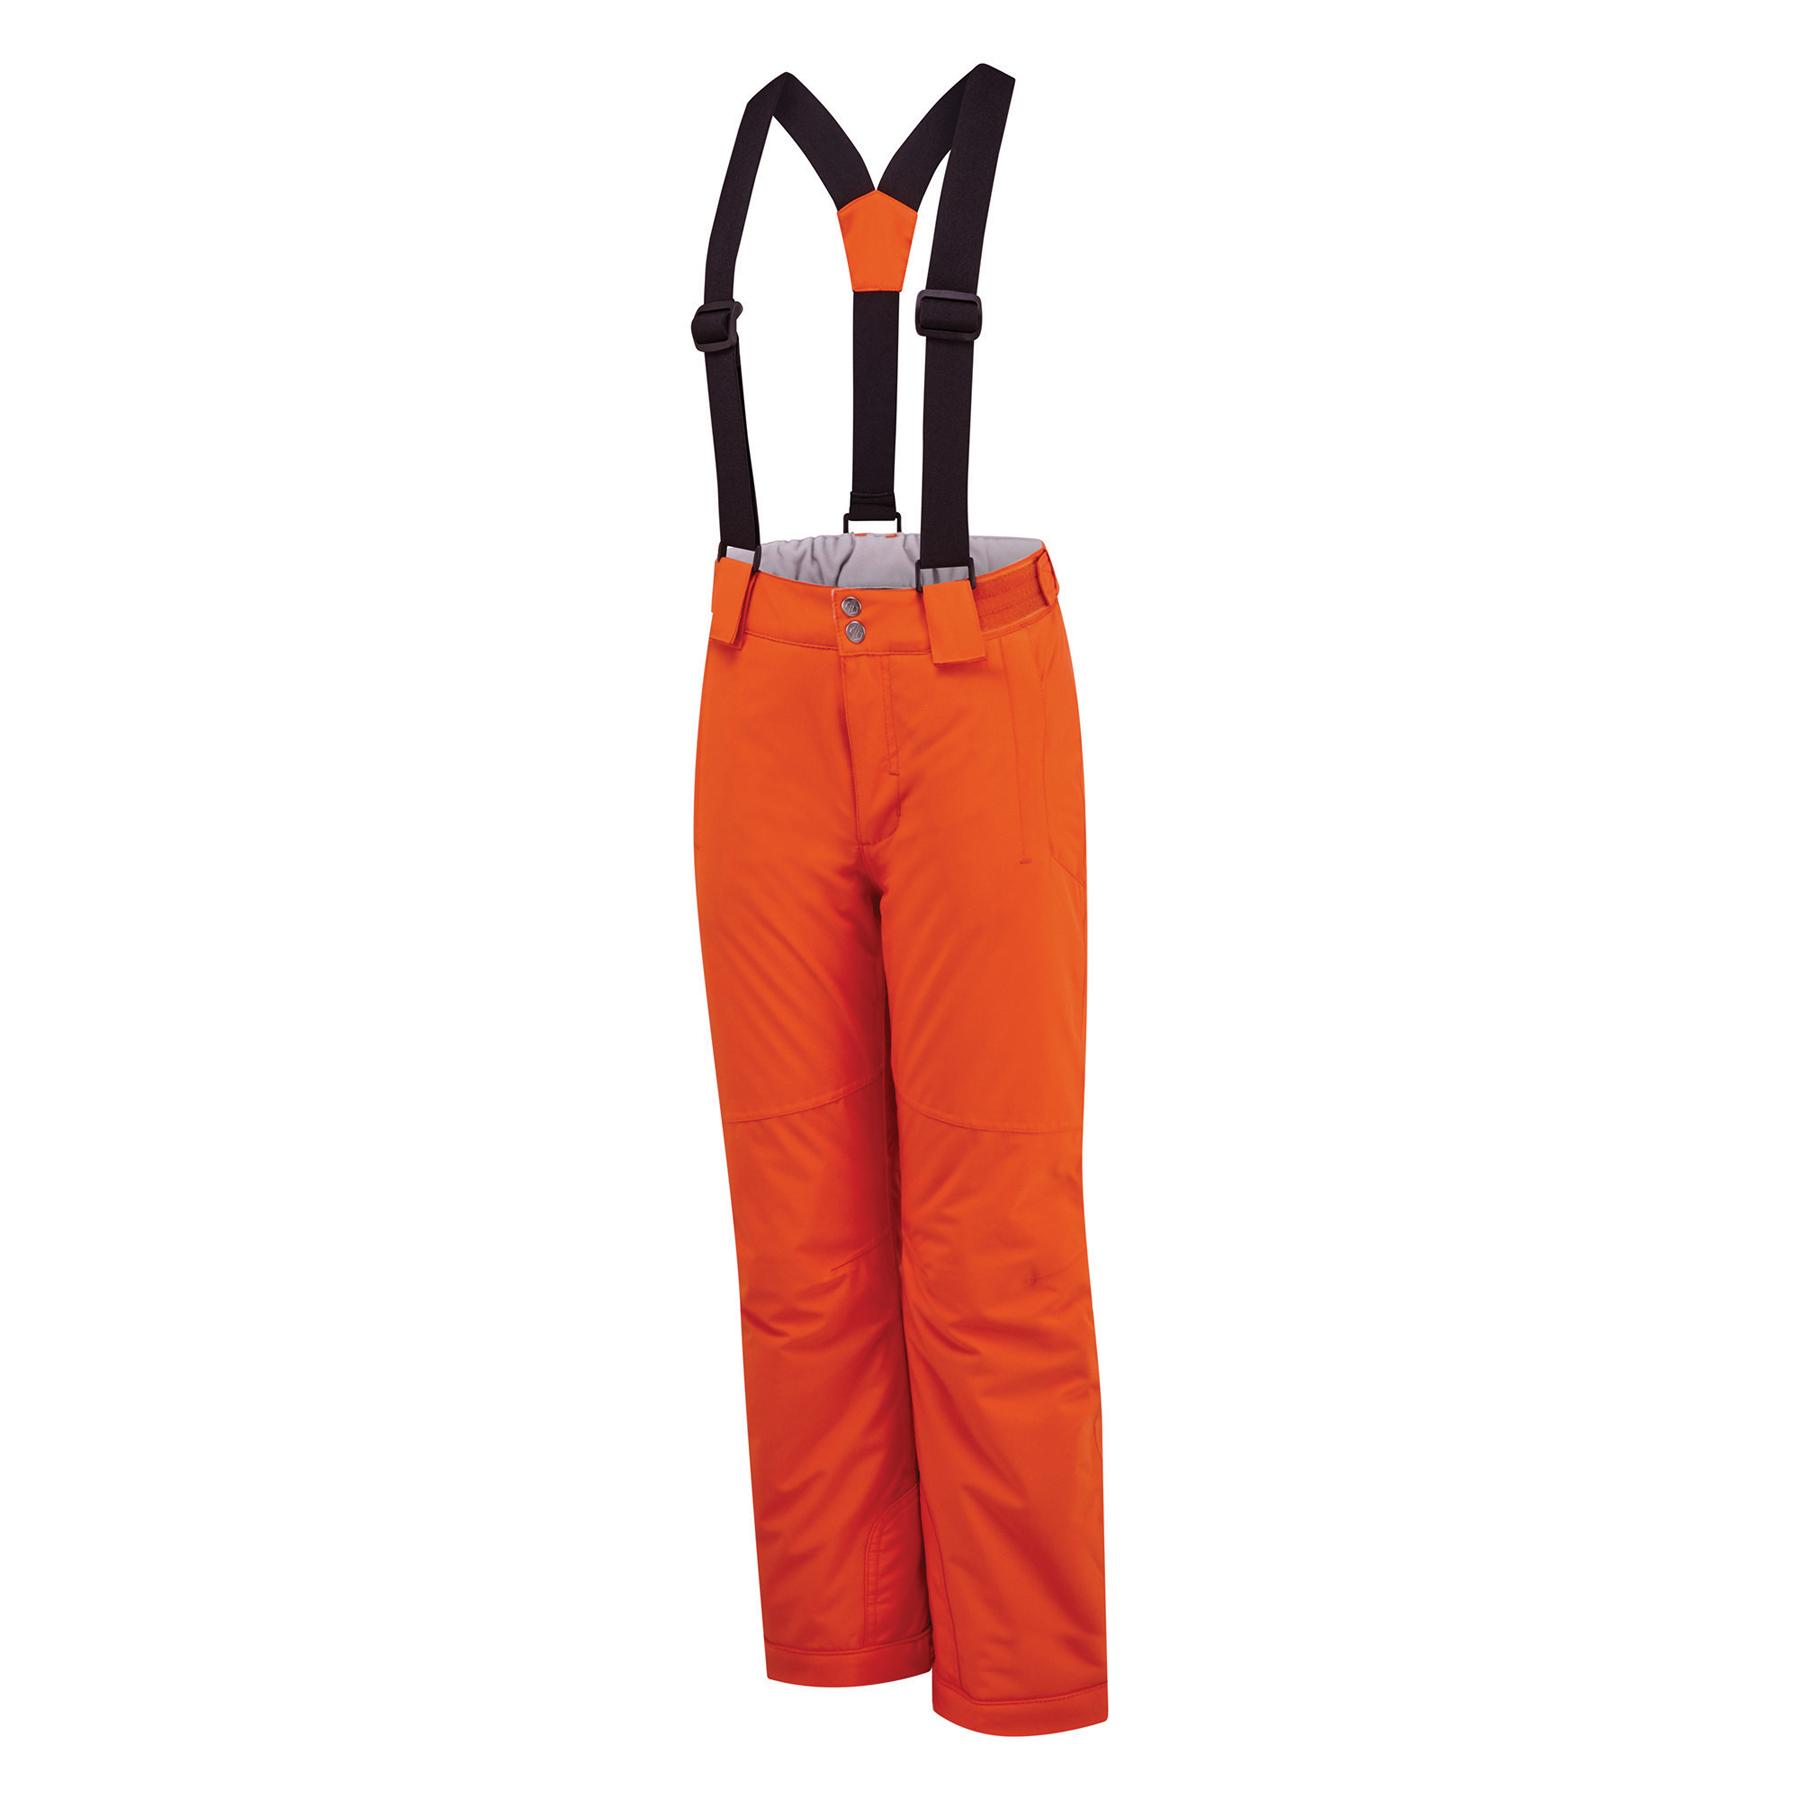 Dare 2b Outmove II Pants Kids - 4JC Blaze Orange